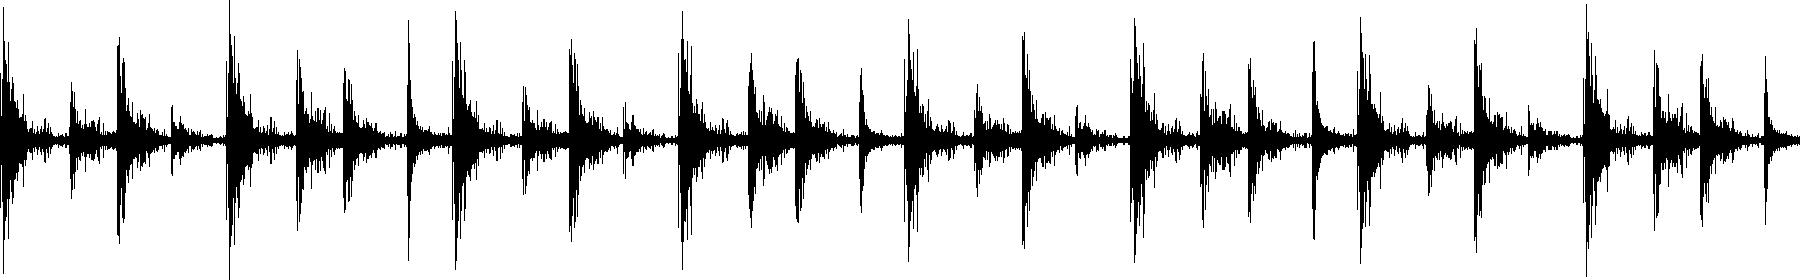 ehp percloop 130 16